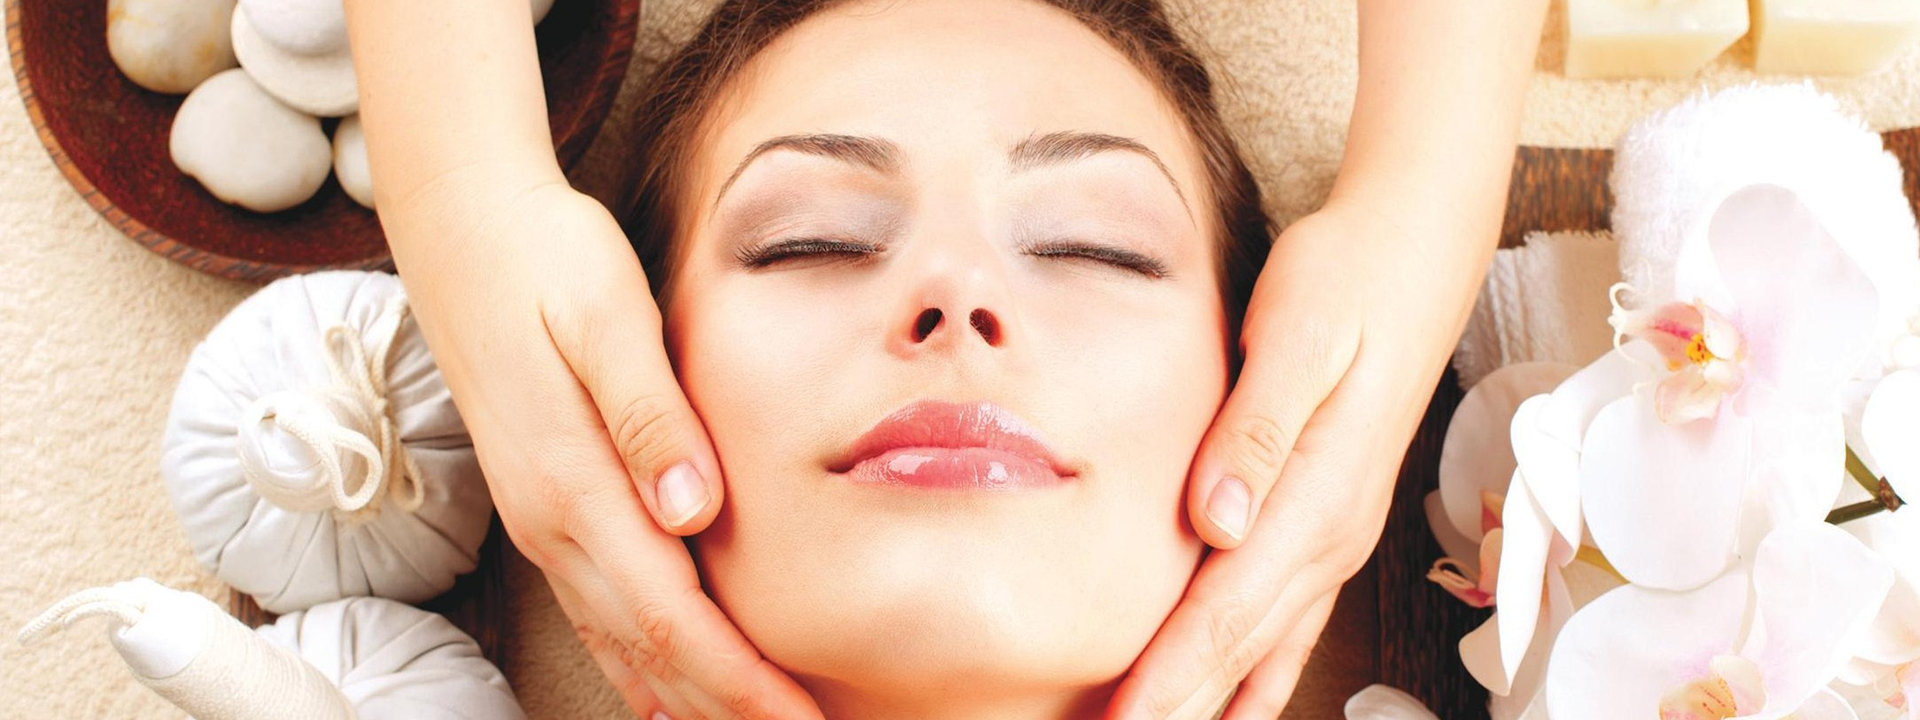 خدمات پوست صورت و زیبایی و خدمات مراقبت های پوستی در تهران